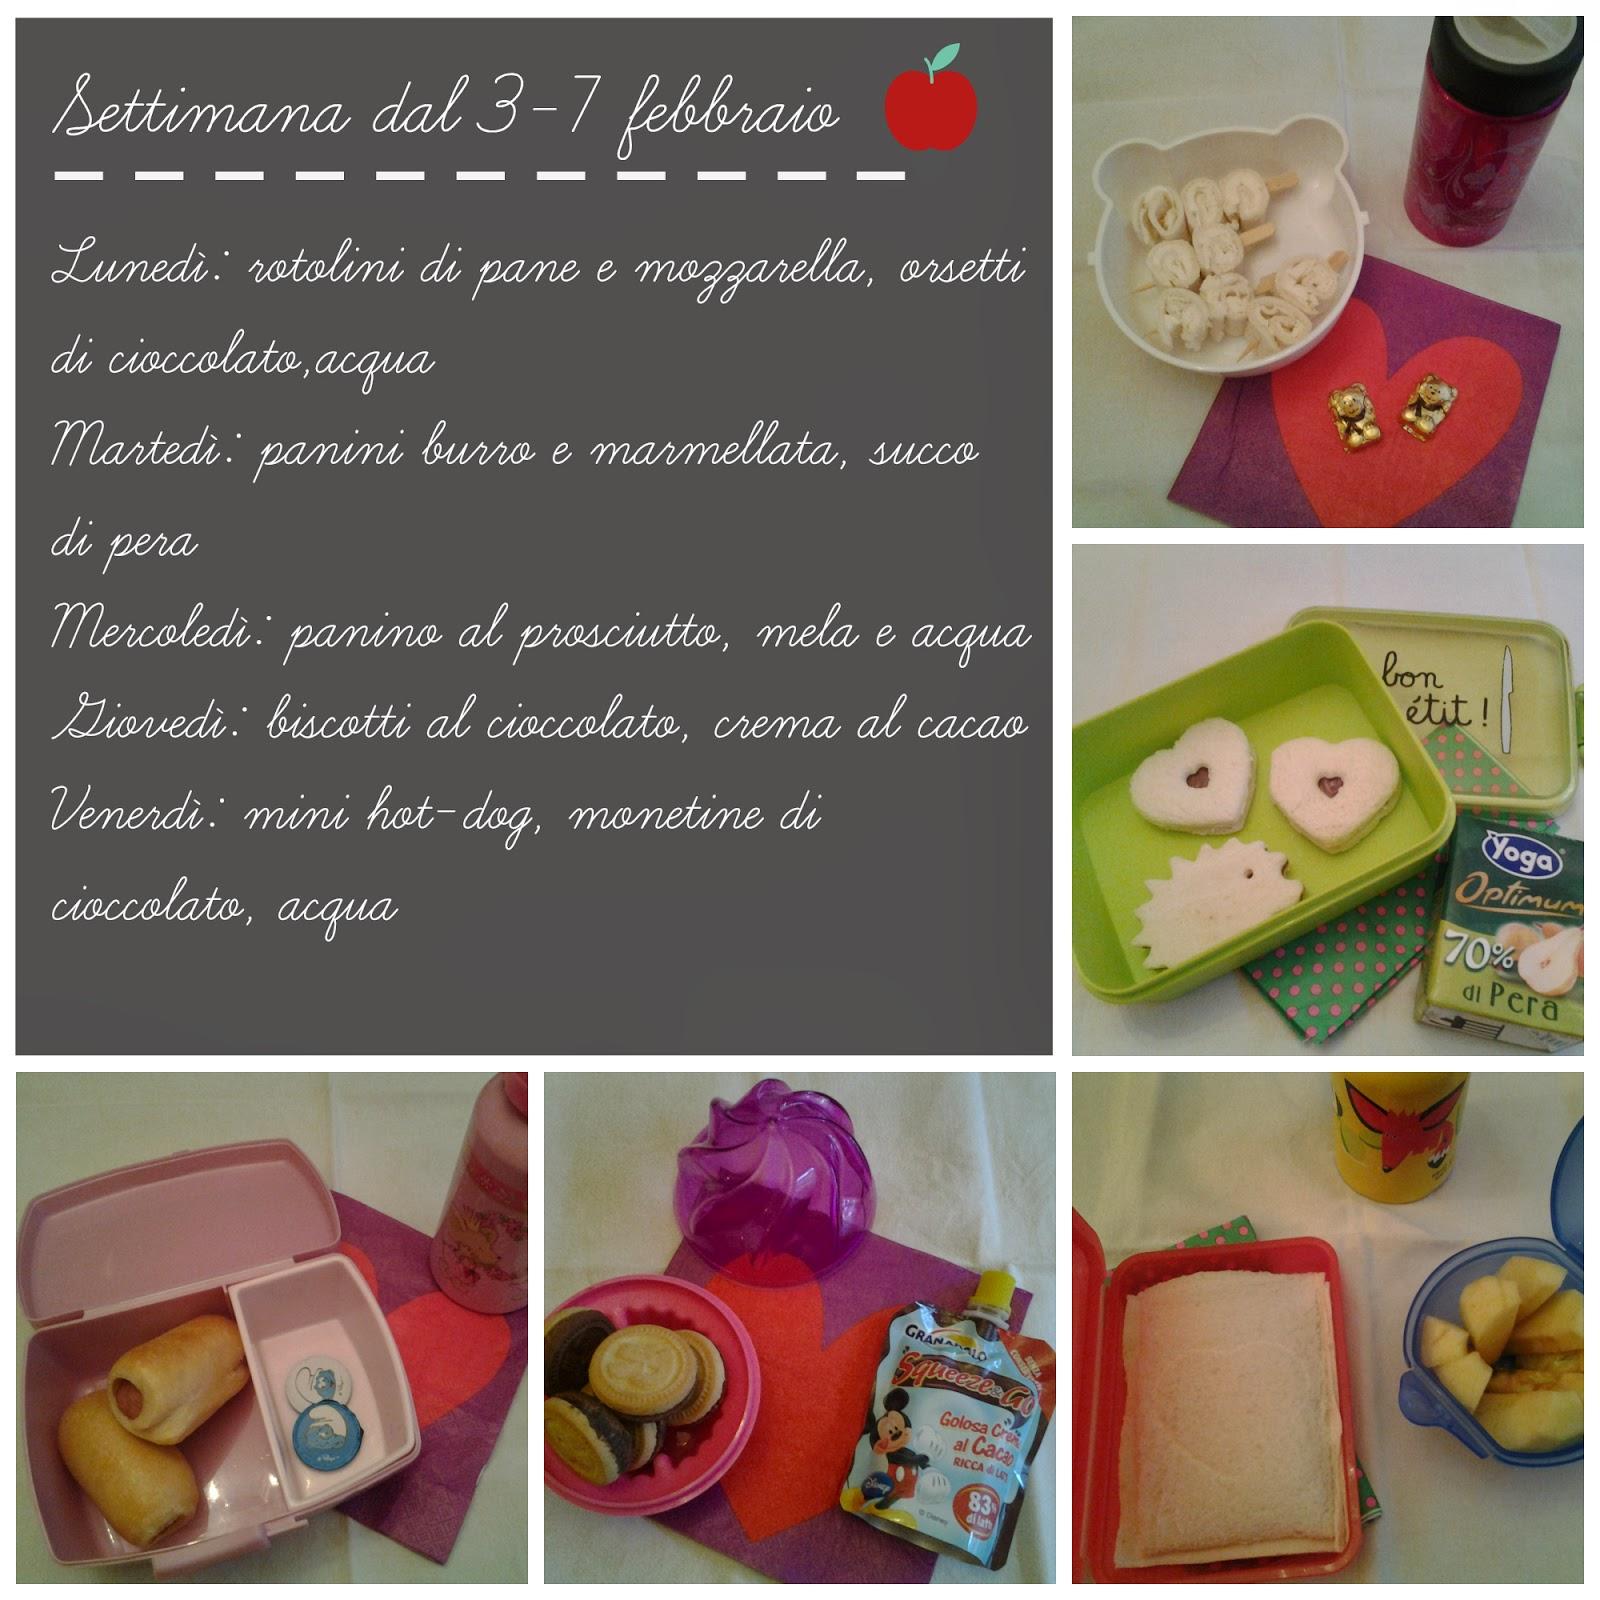 http://www.colazionialetto.com/2014/02/lemerendedicamilla-dal-3-7-febbraio-e.html